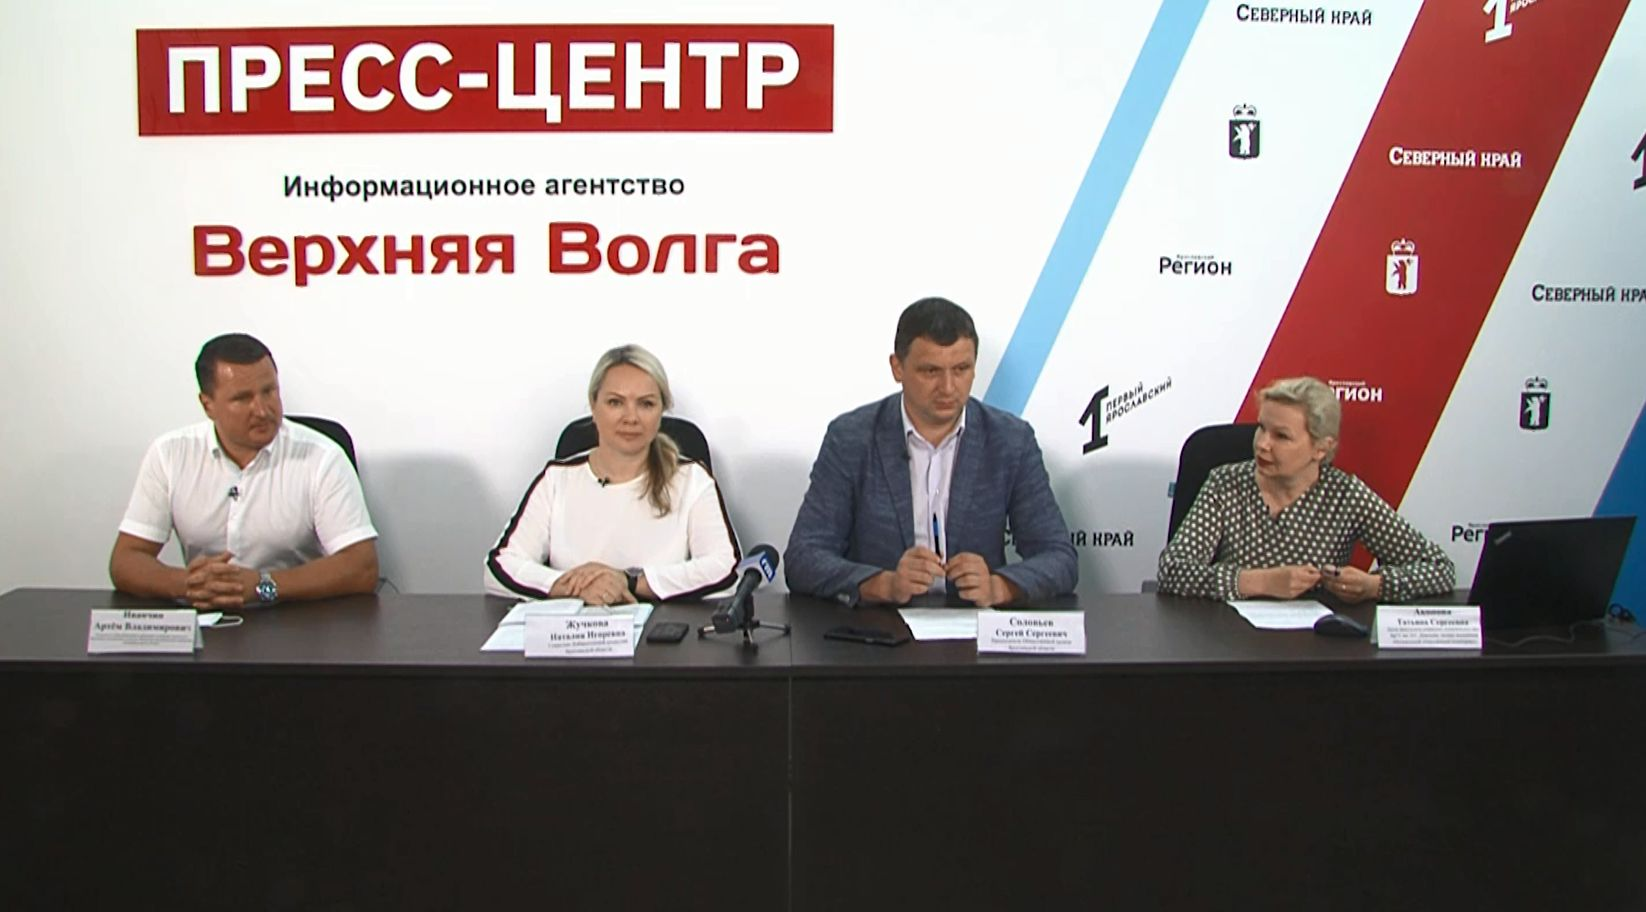 12 общественных организаций региона и 4 партии представят своих наблюдателей на грядущих выборах